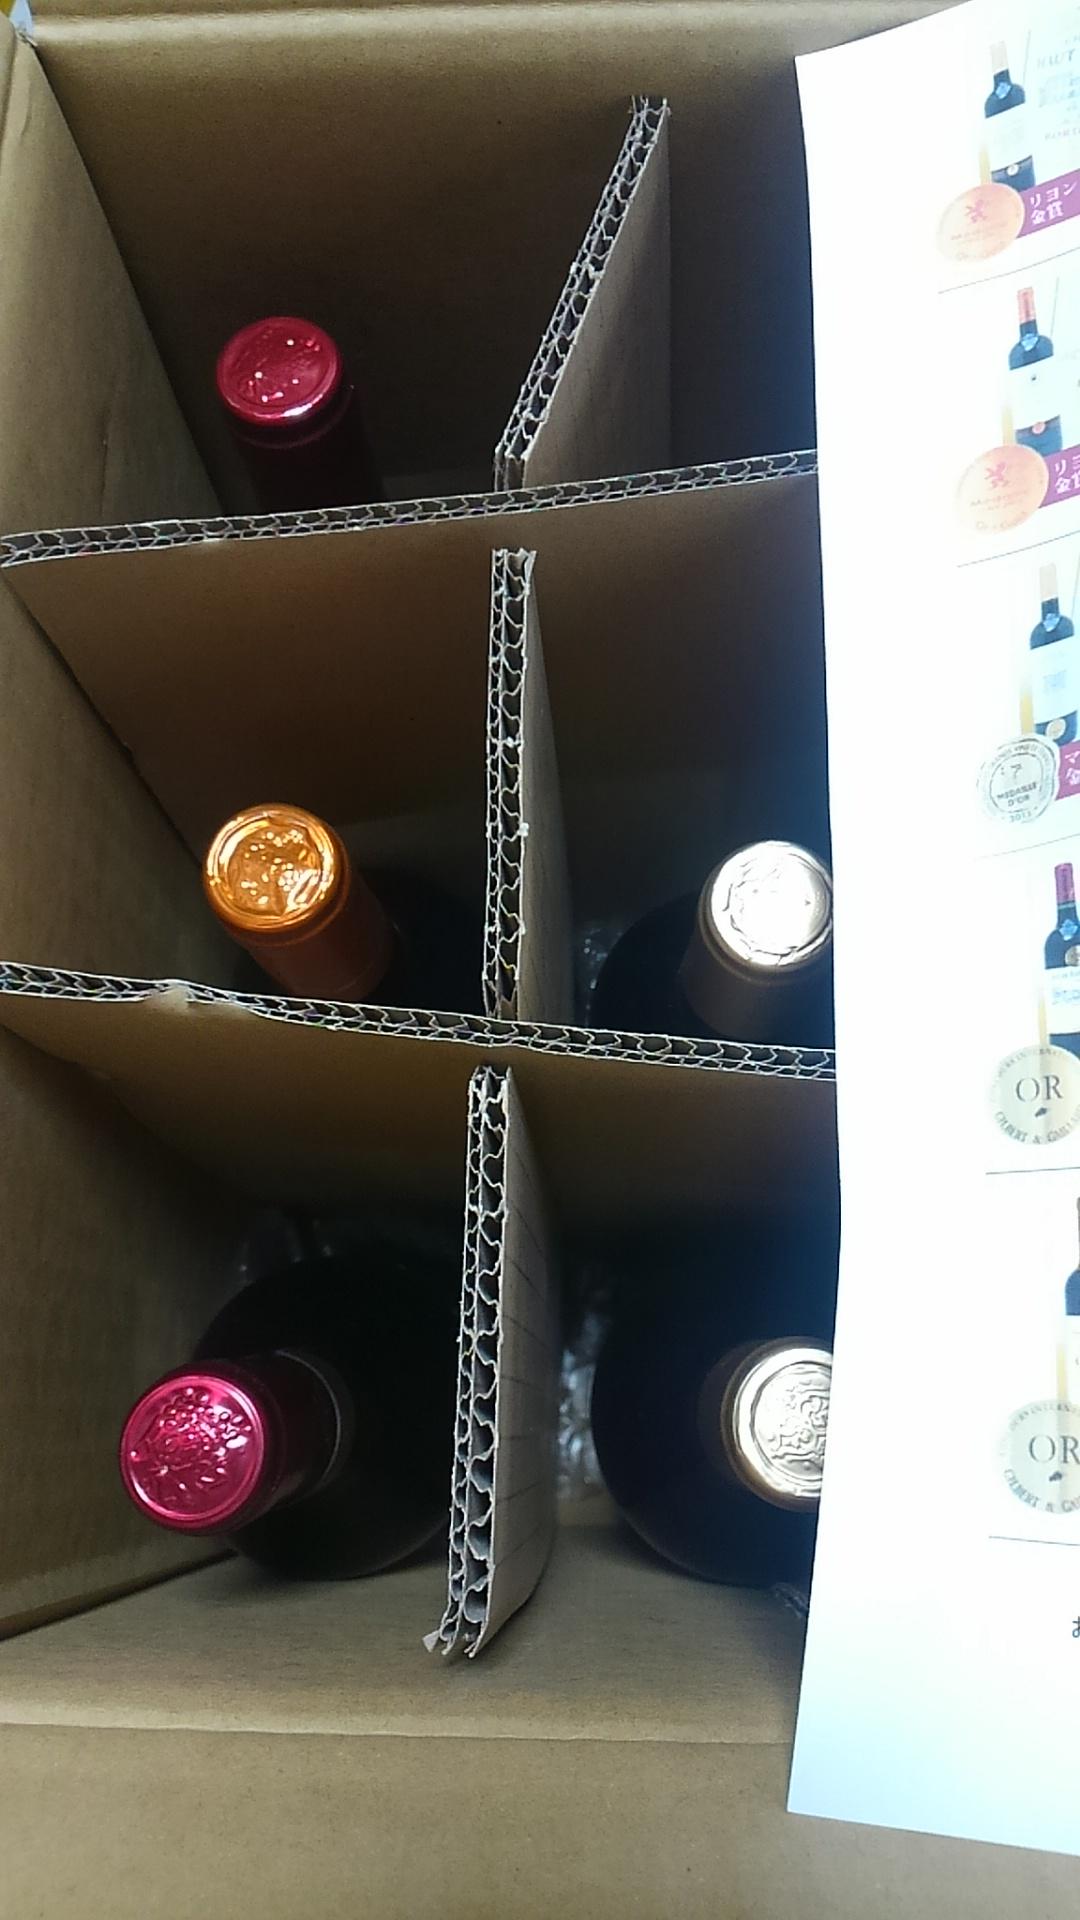 GW用にワインを購入、ポンパレモール初利用です